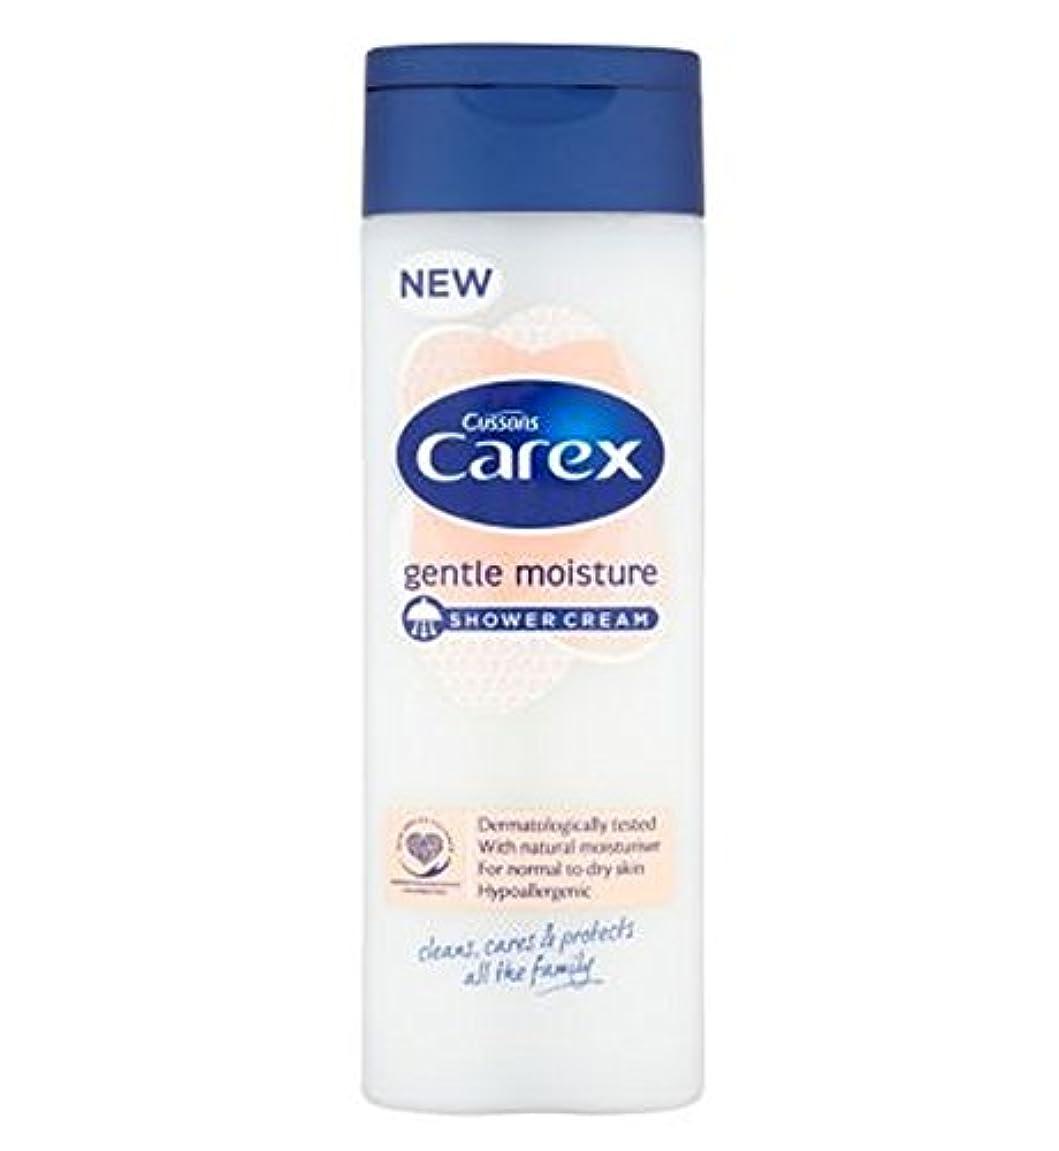 人工動揺させる奴隷Carex Gentle Moisture Shower Cream 250ml - スゲ属穏やかな水分シャワークリーム250ミリリットル (Carex) [並行輸入品]